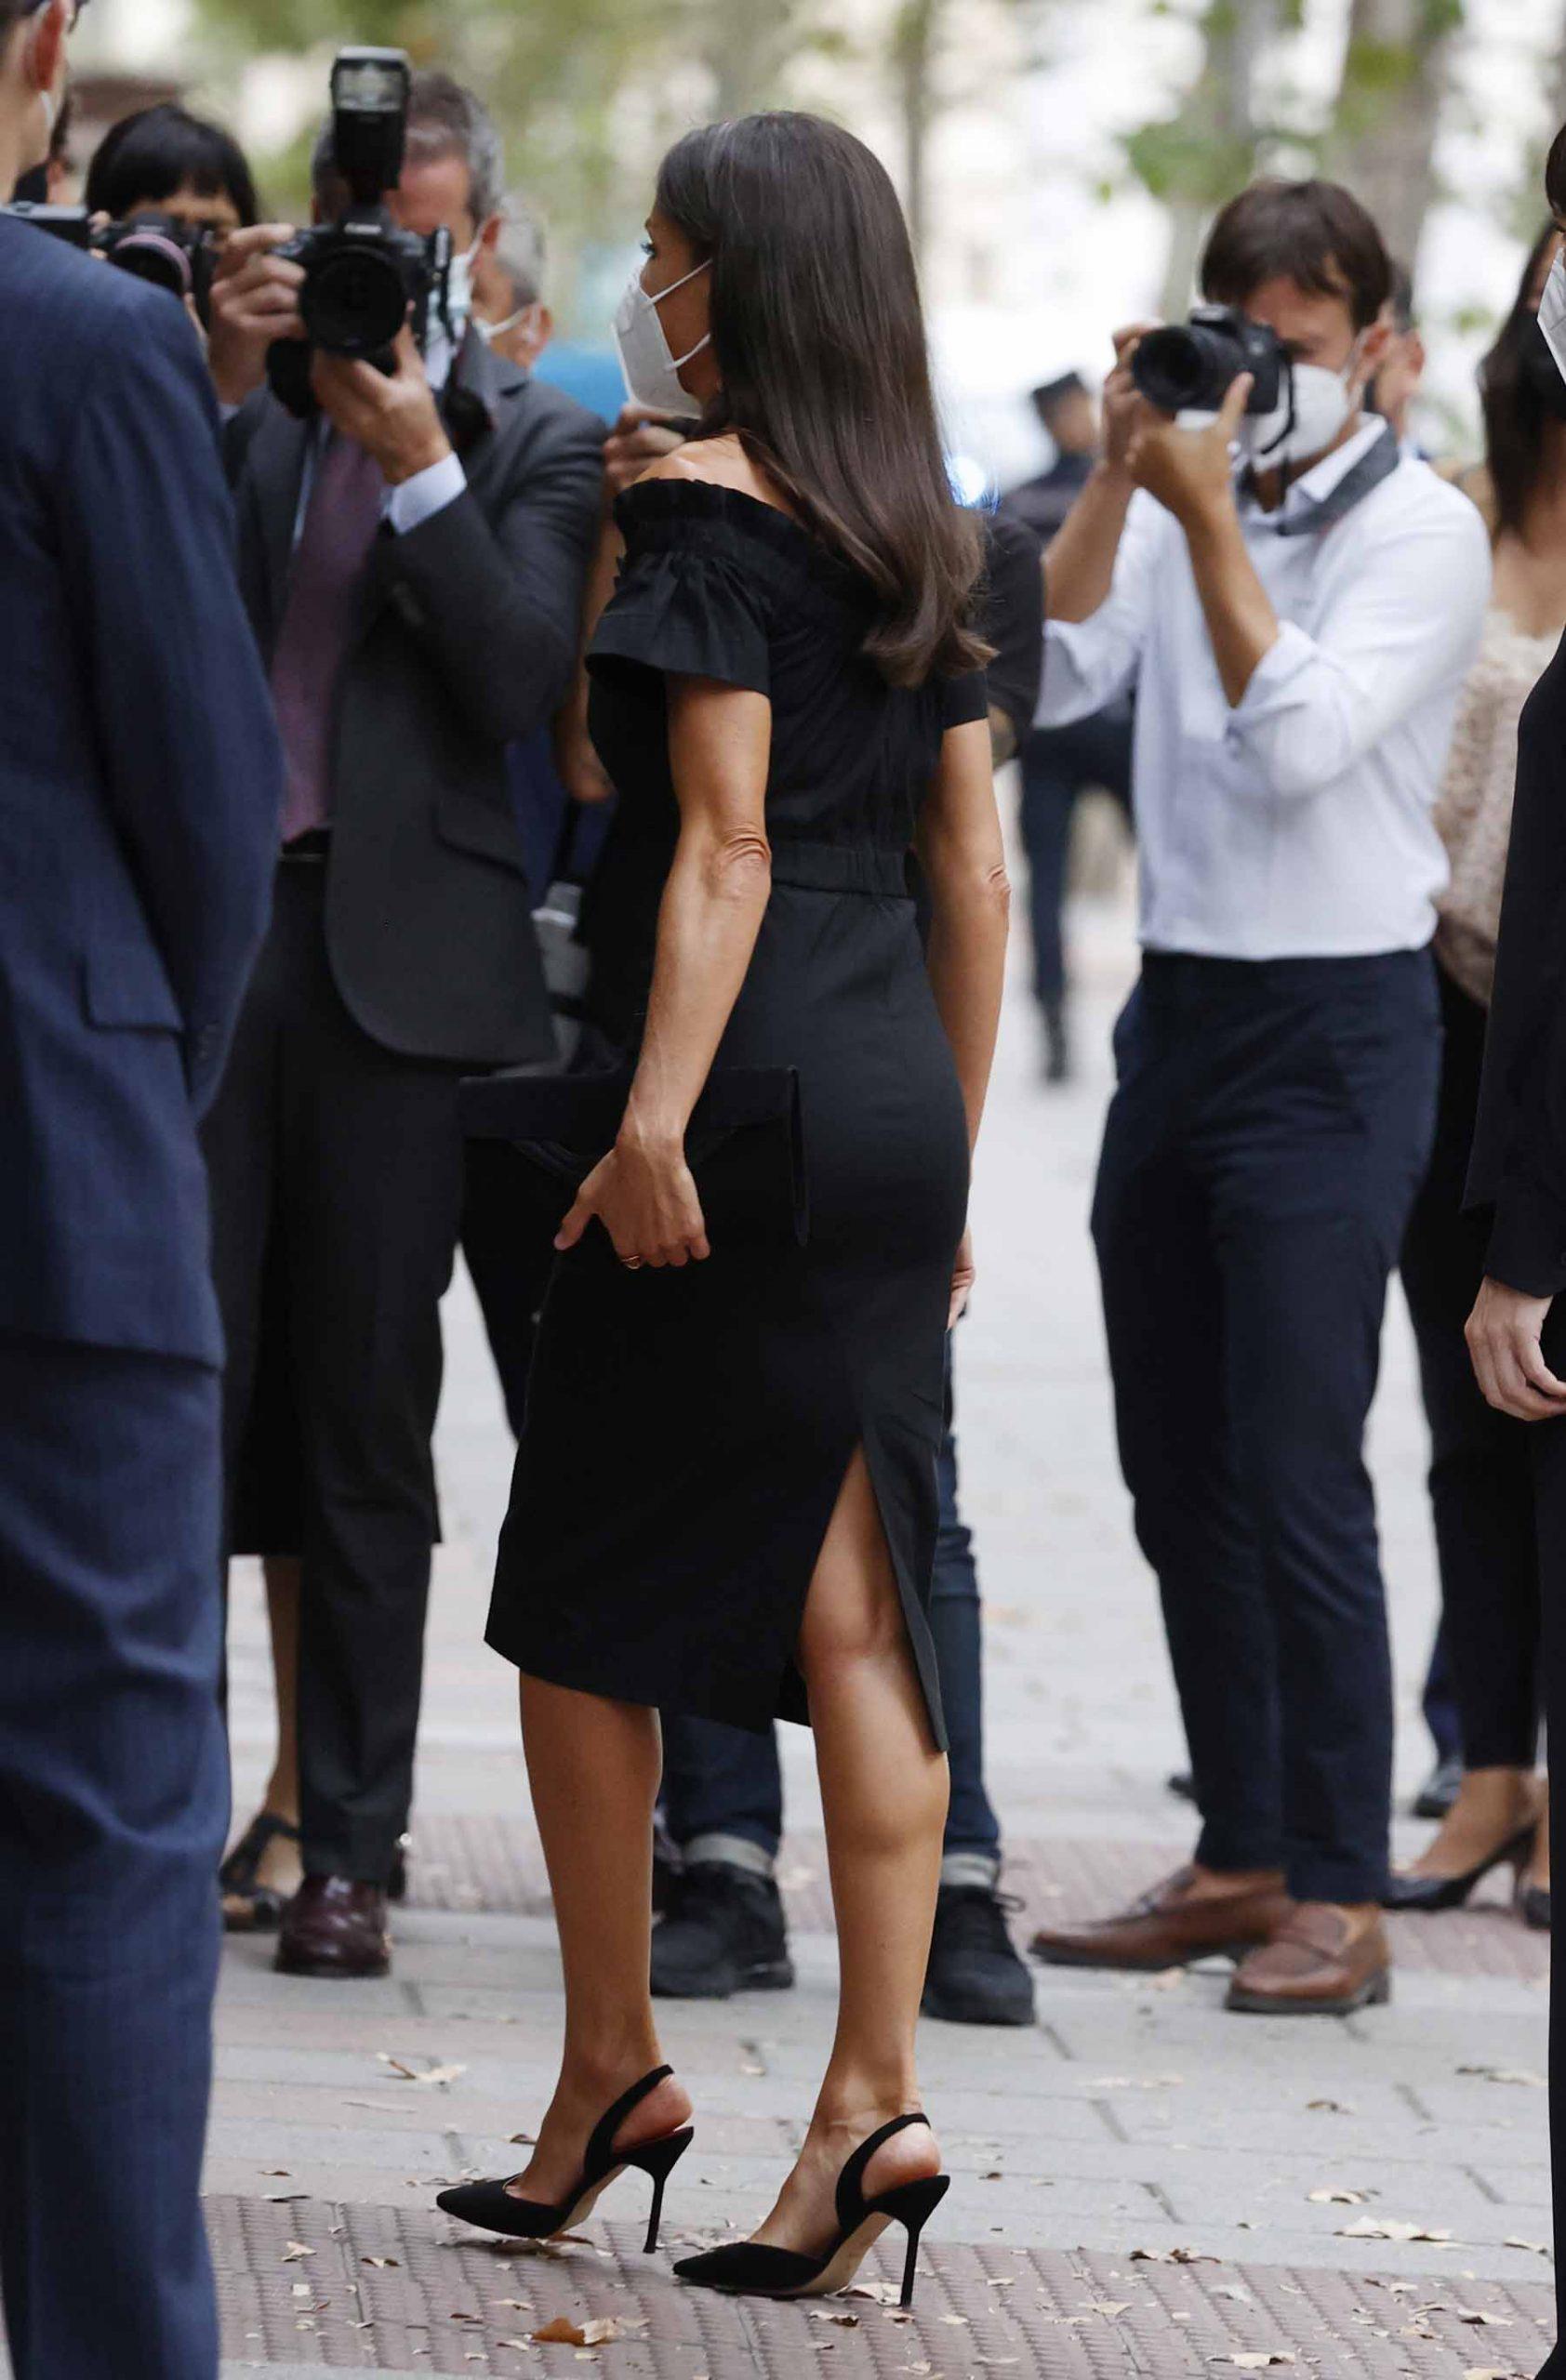 El look de la reina visto desde atrás / GTRES